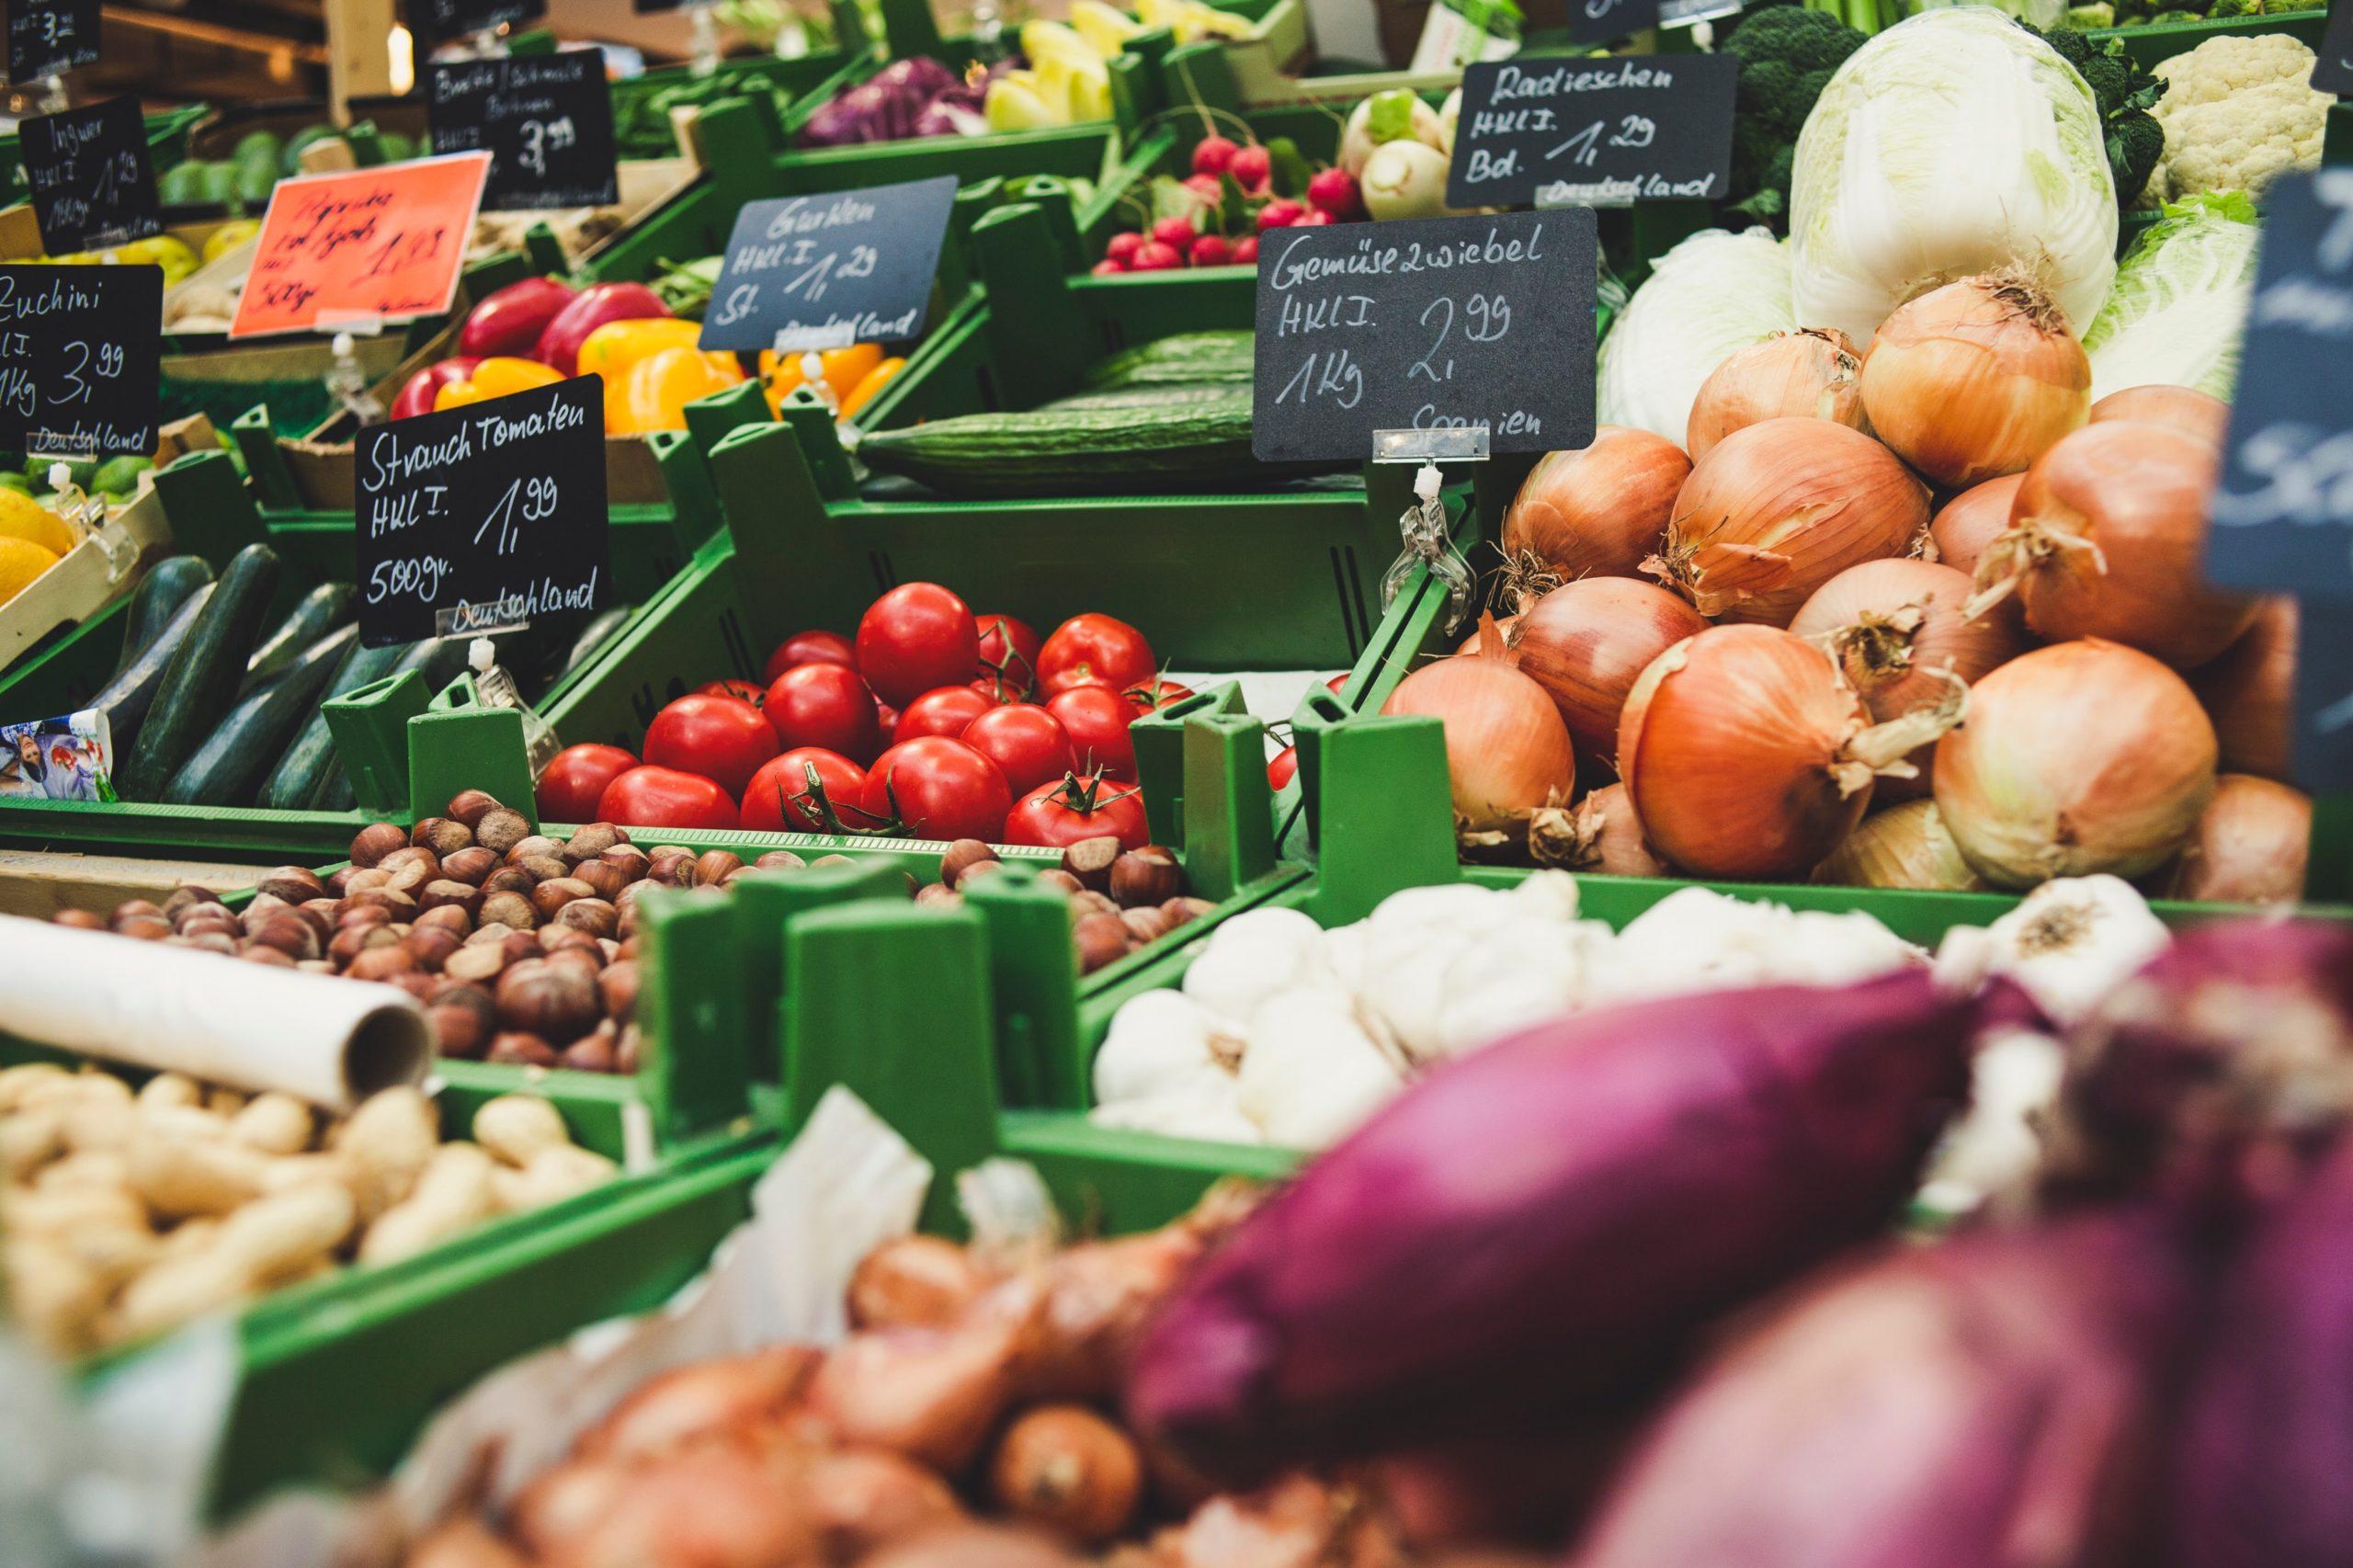 スーパーの野菜売り場